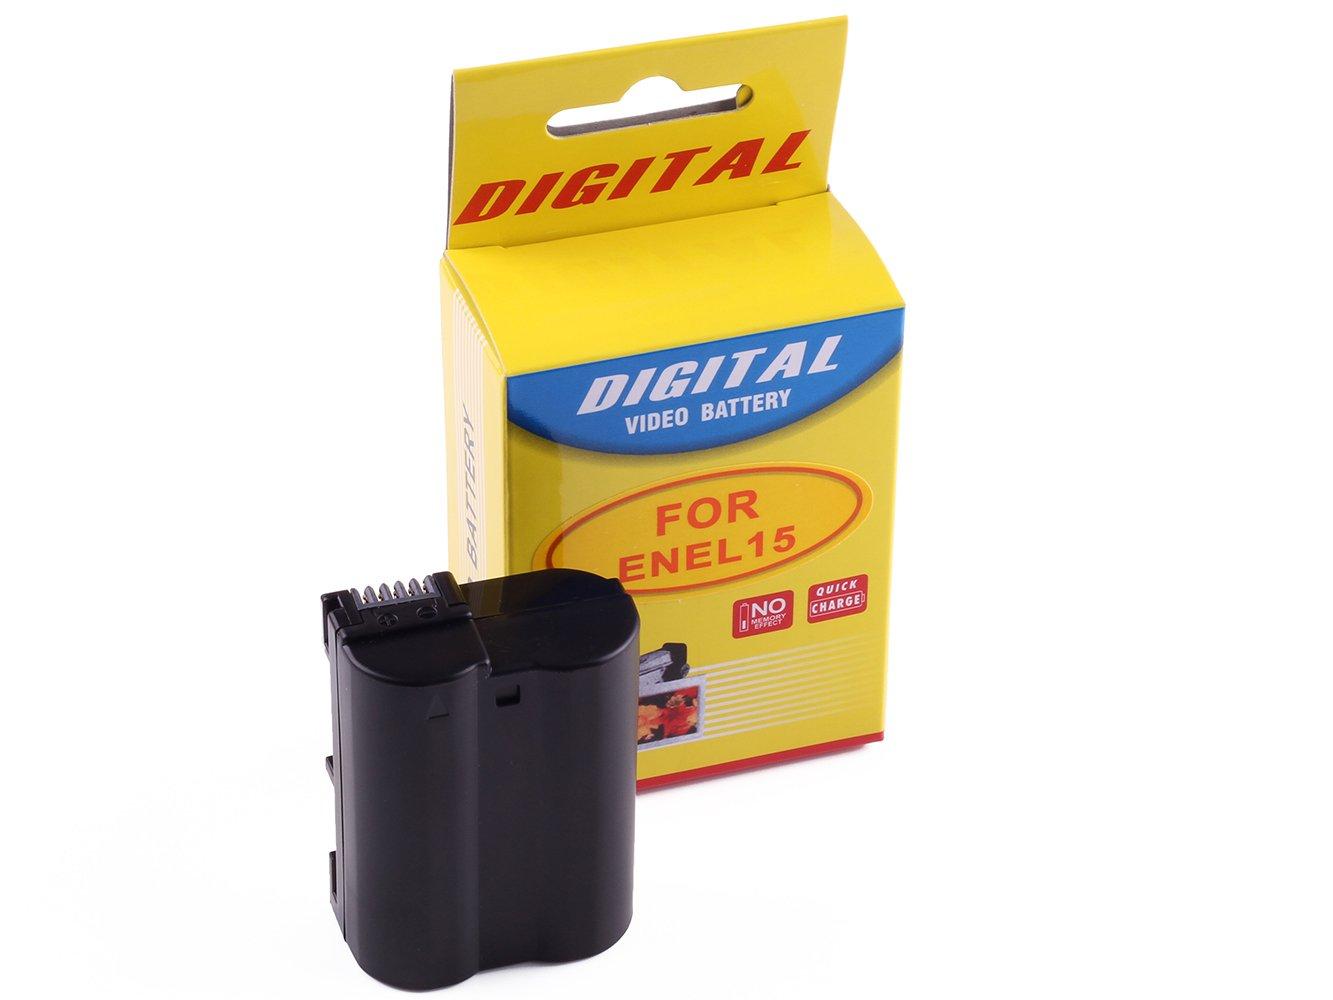 CrazyCable EL15 - Batería para cámara de fotos - Electrónica - revisión y más información